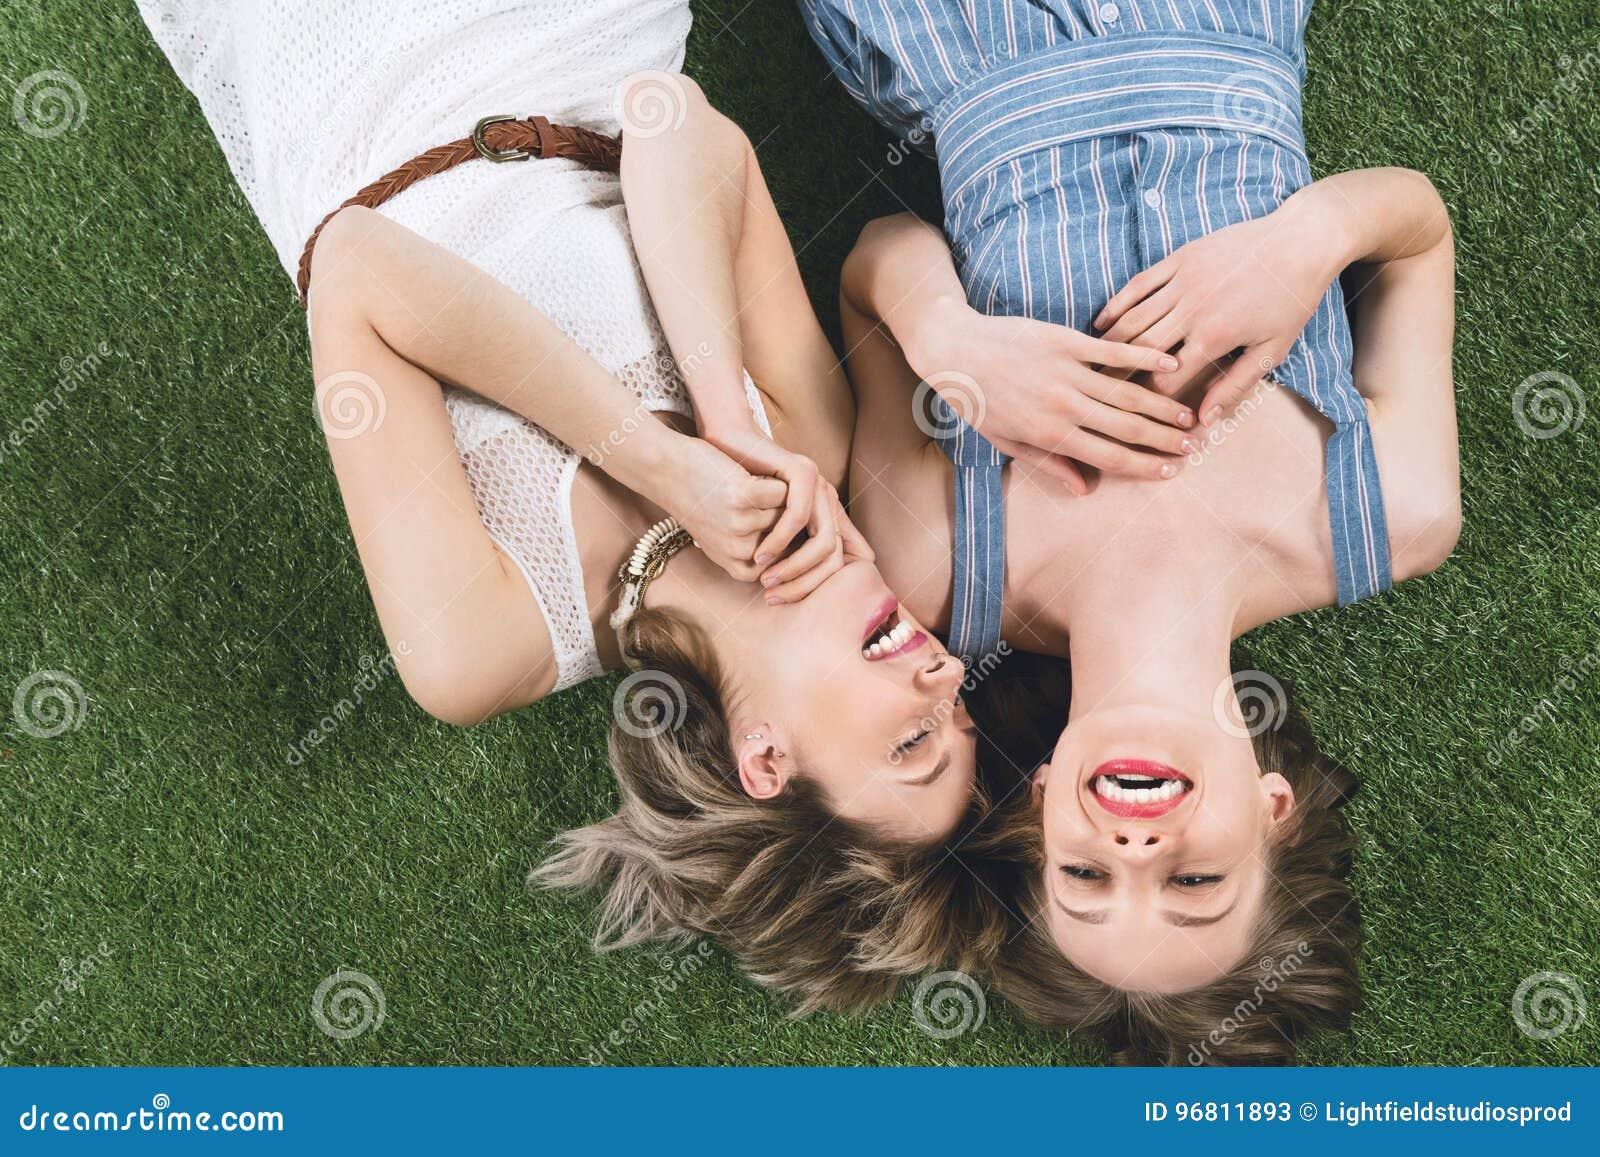 2 belles lesbiennes lierre